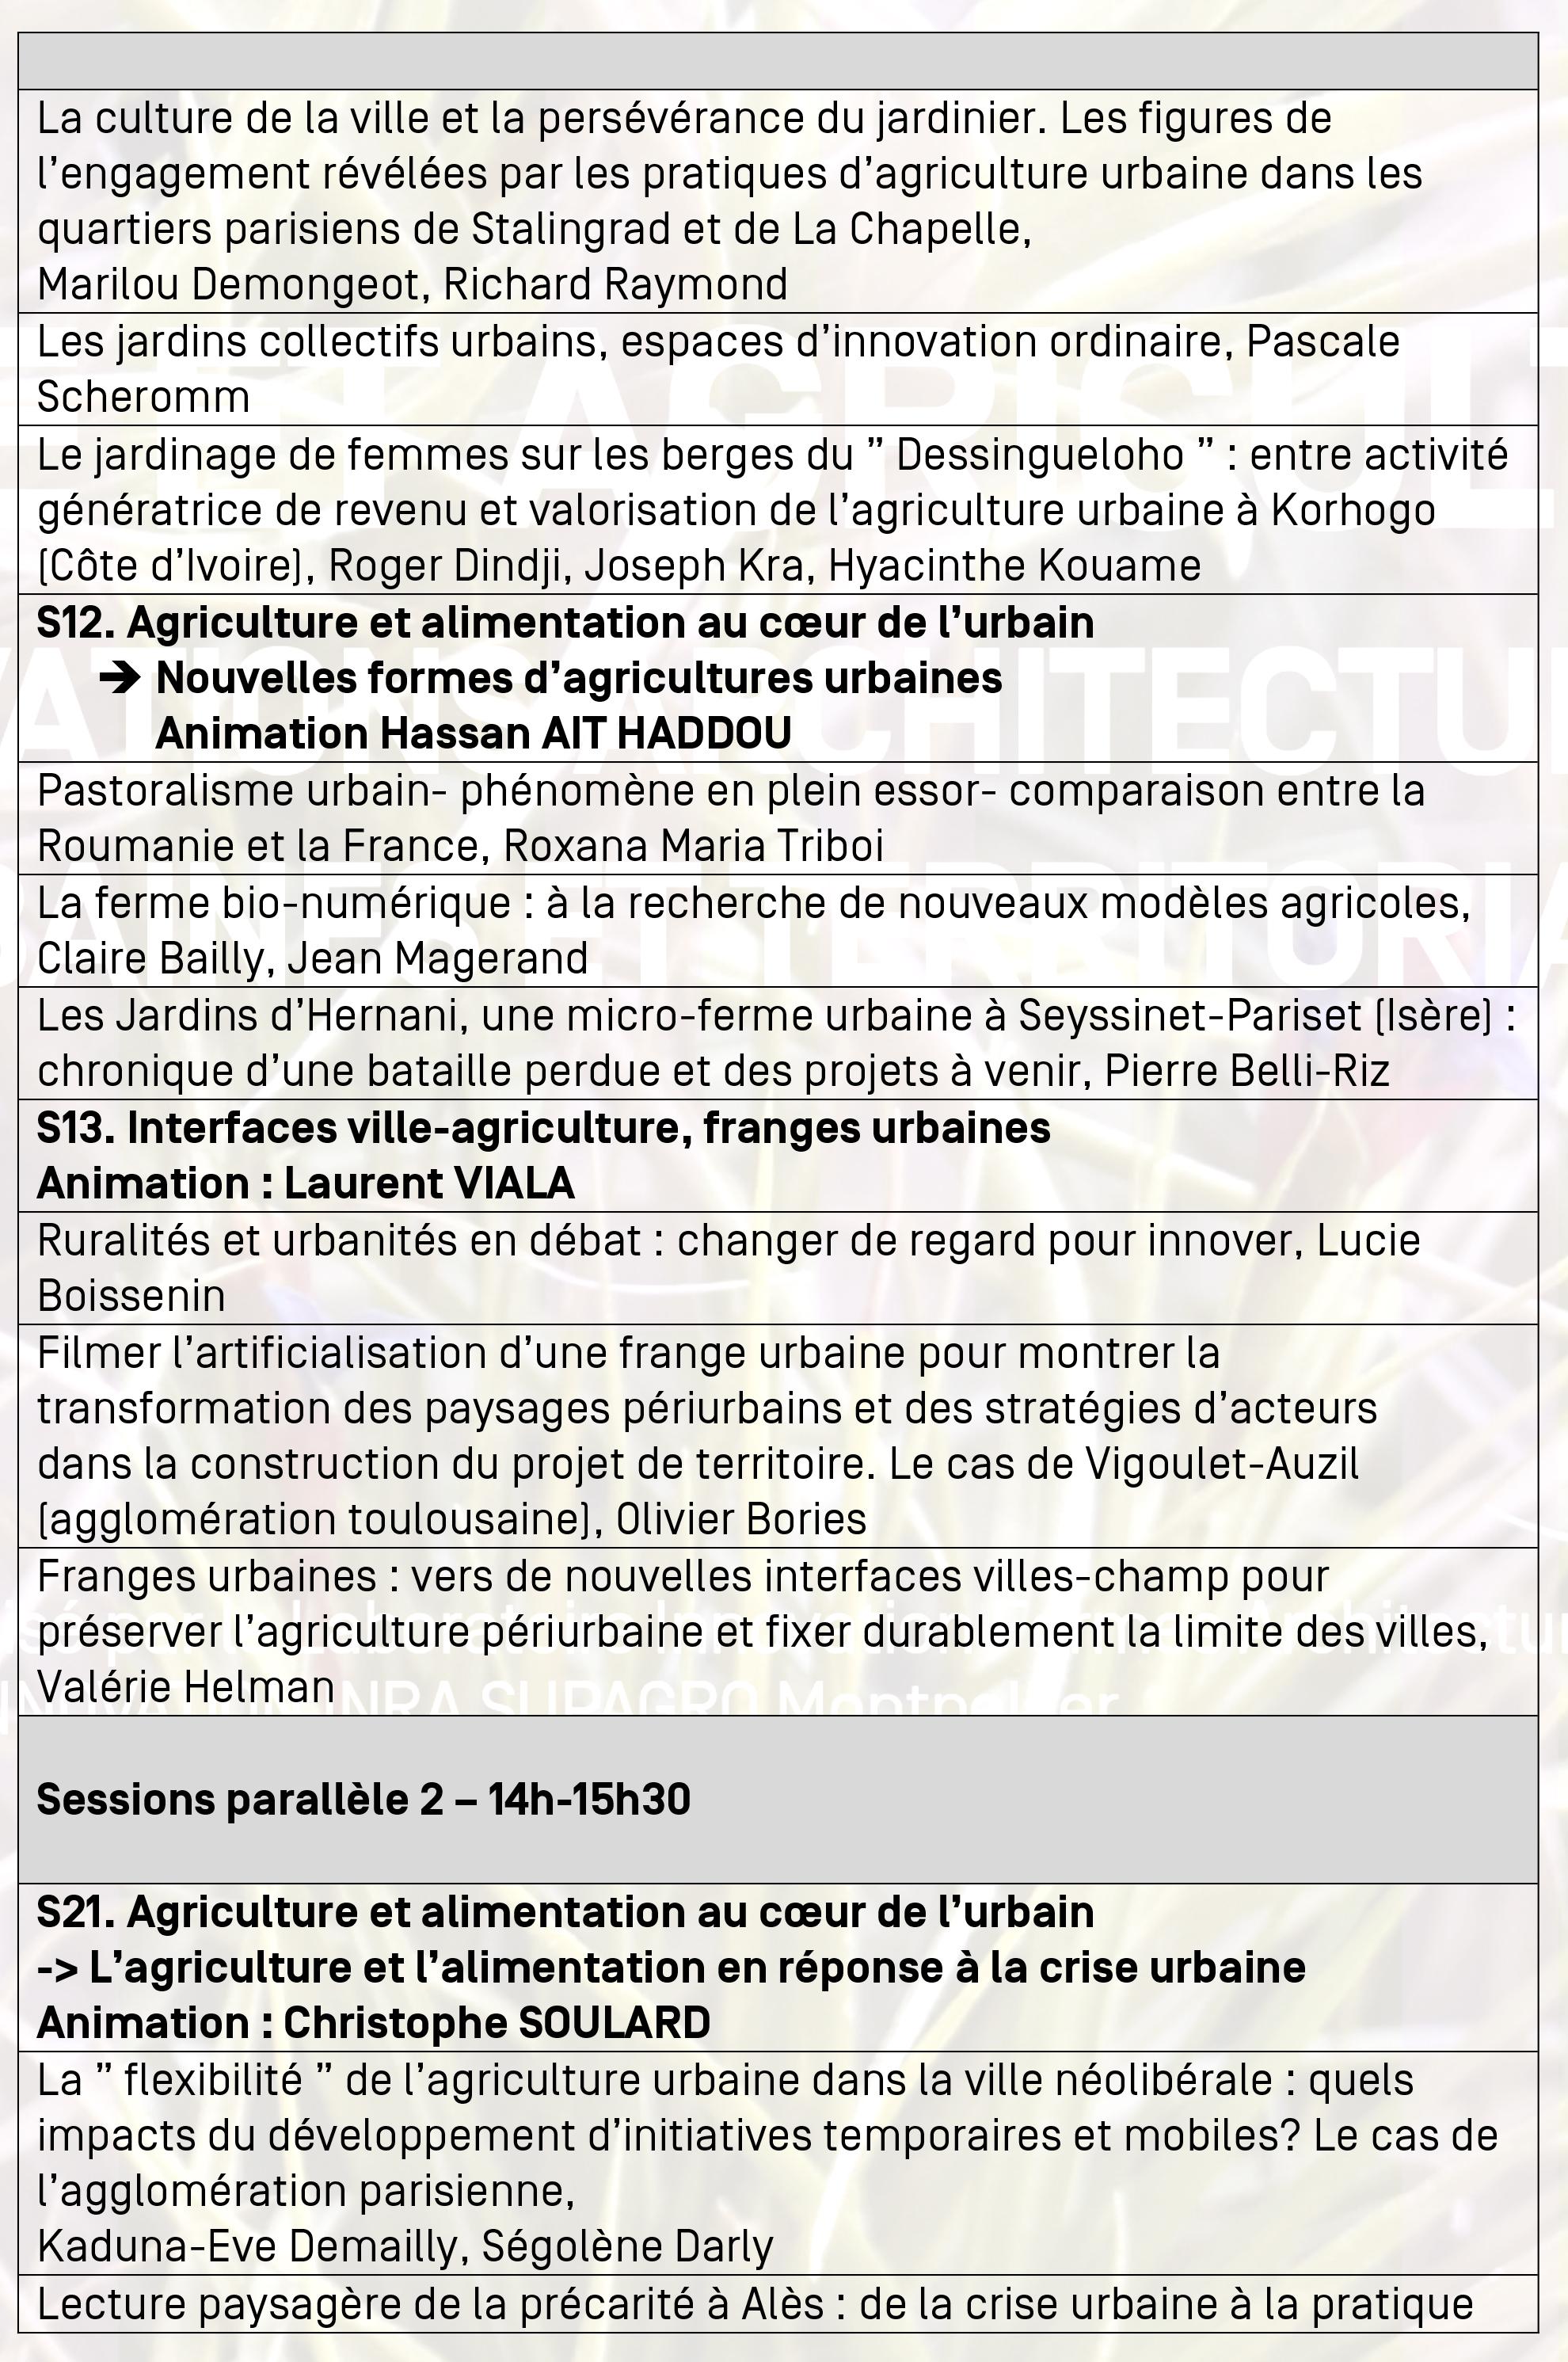 Pages_2_de_Pre_programme_VAIAUT_2017_v5_3.jpg